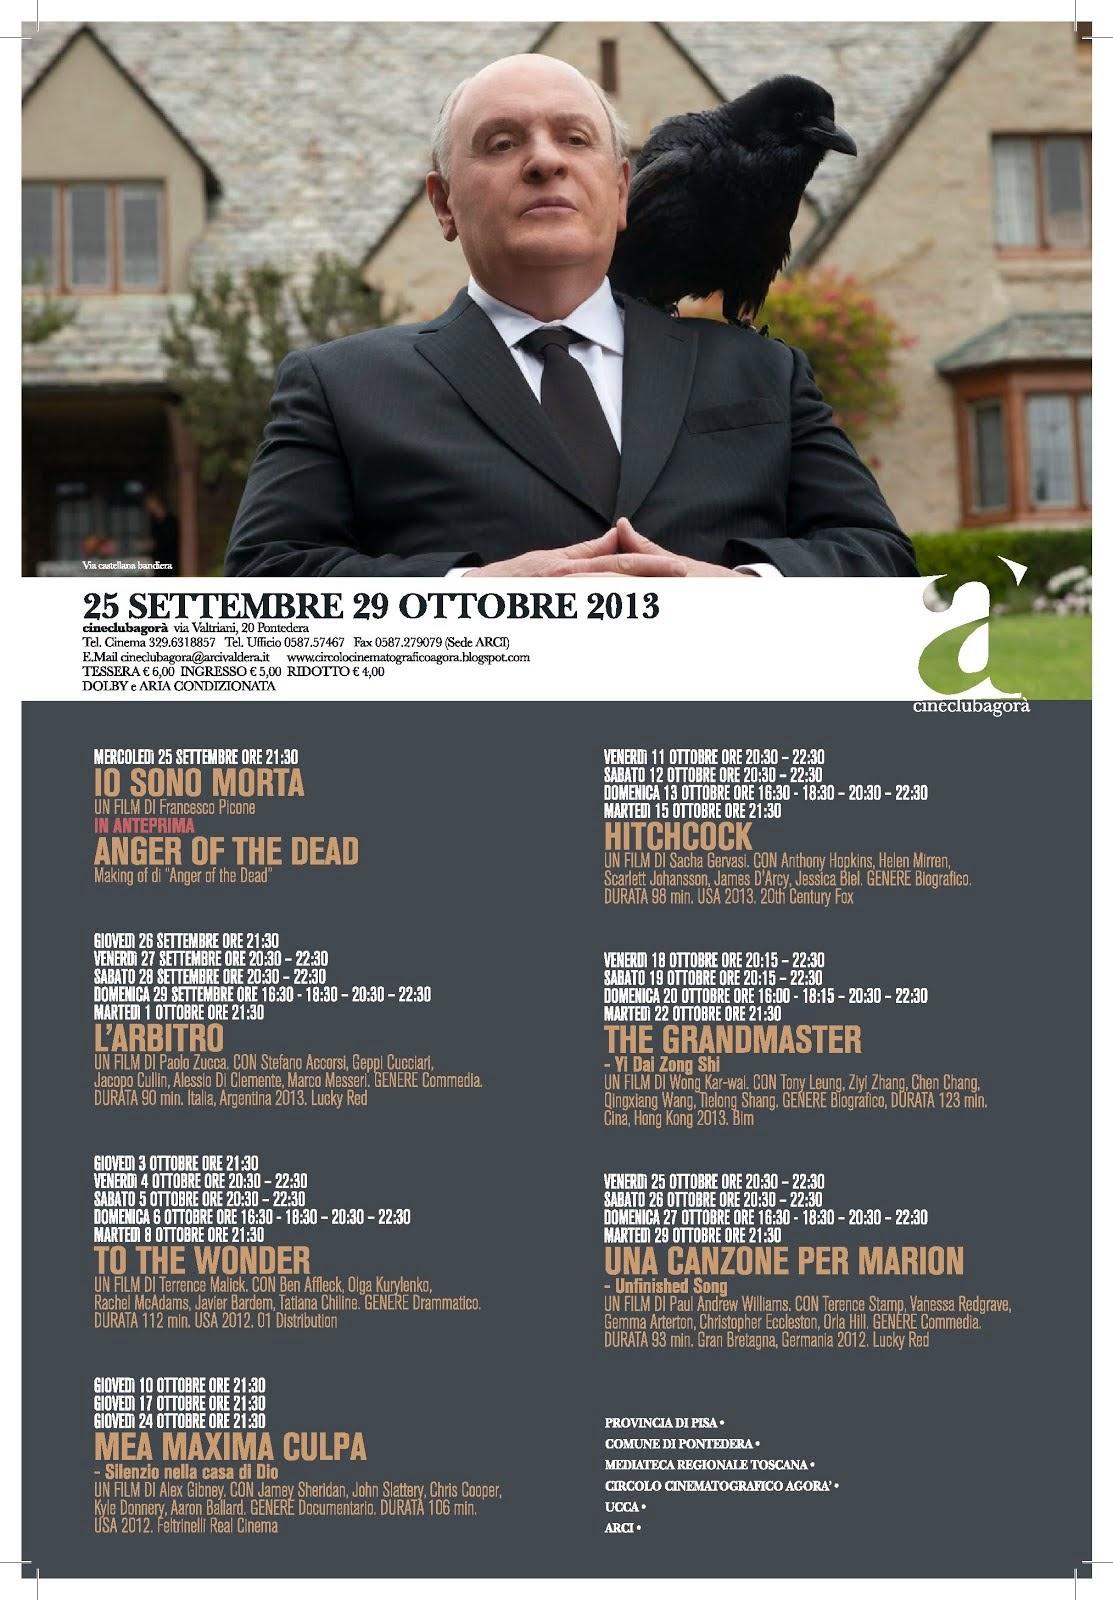 Programma dal 25 settembre al 29 ottobre 2013